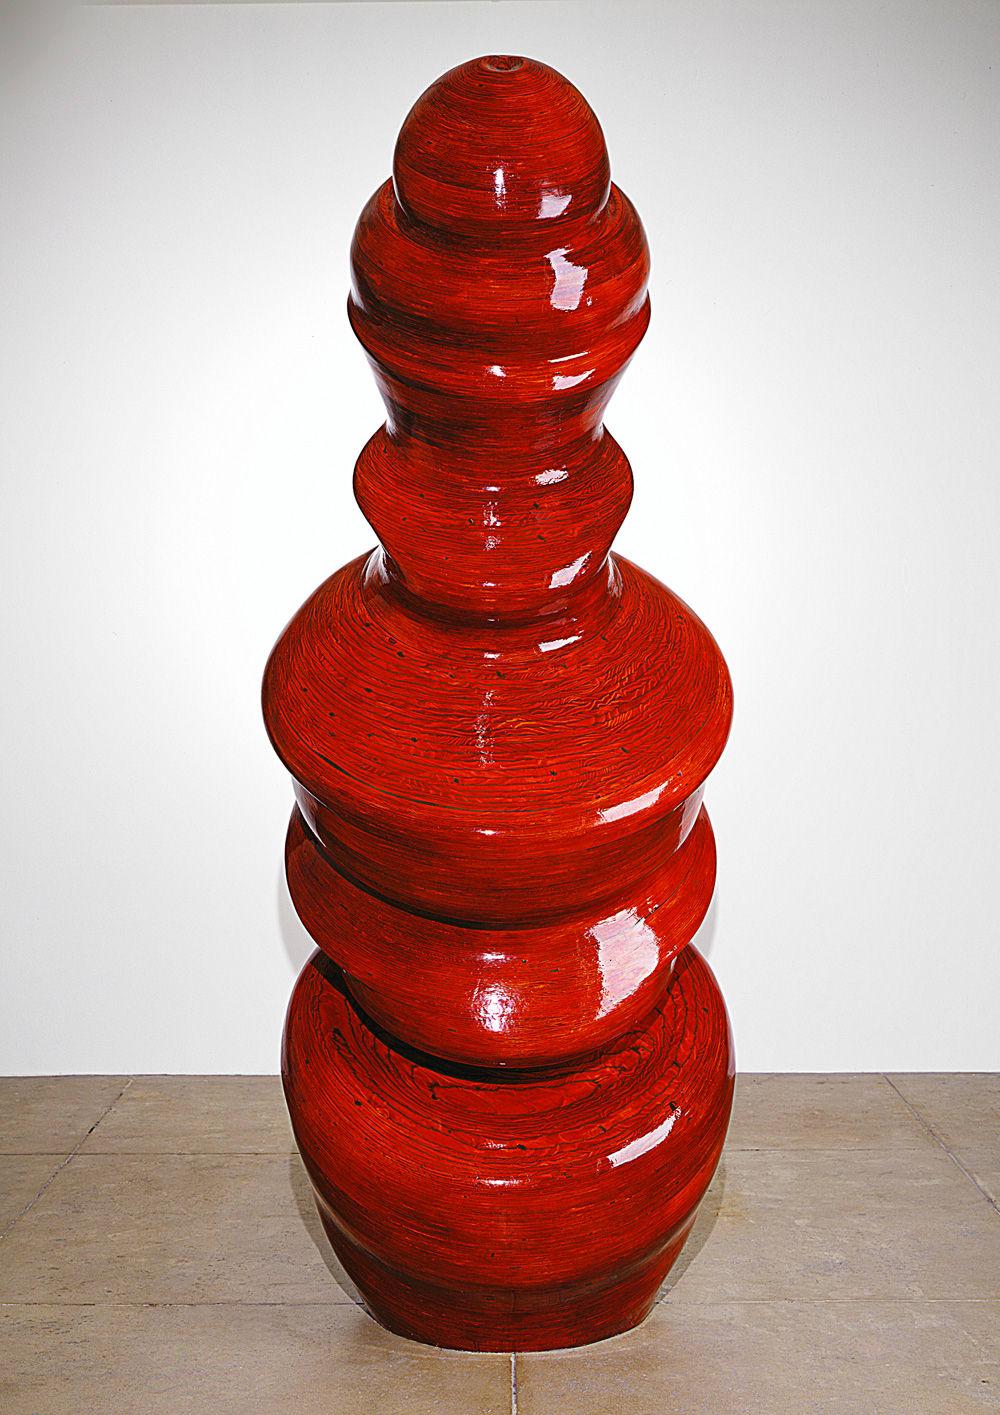 Tony Cragg, Finnish Totem, 2000